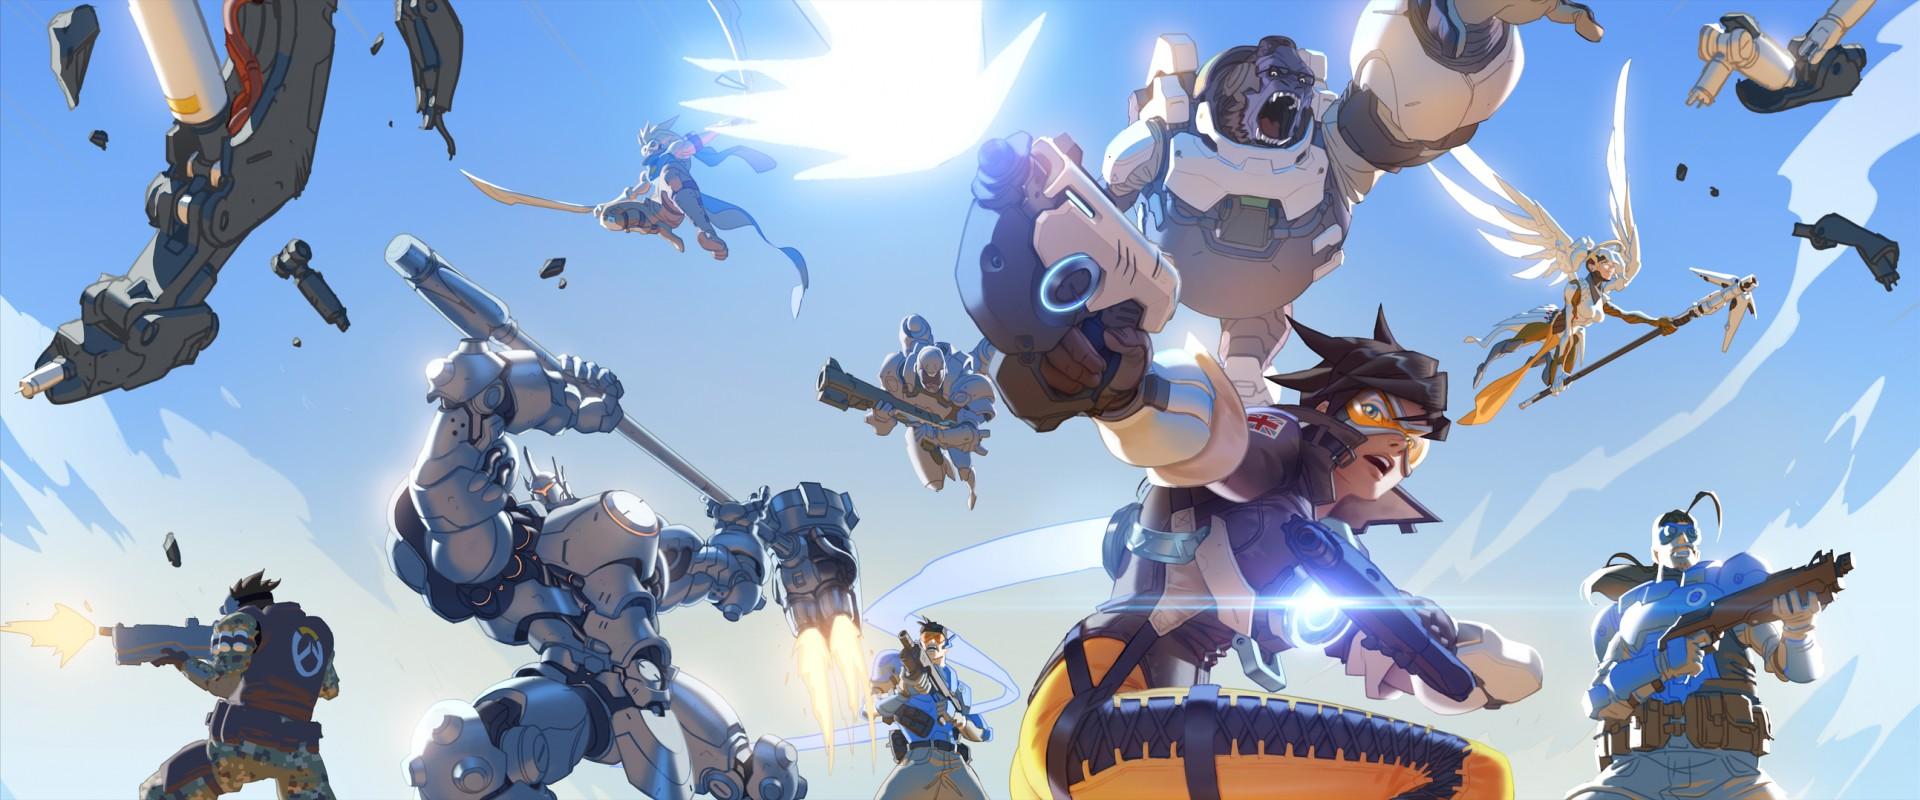 Overwatch: Fin de semana gratuito para todas las consolas y PC